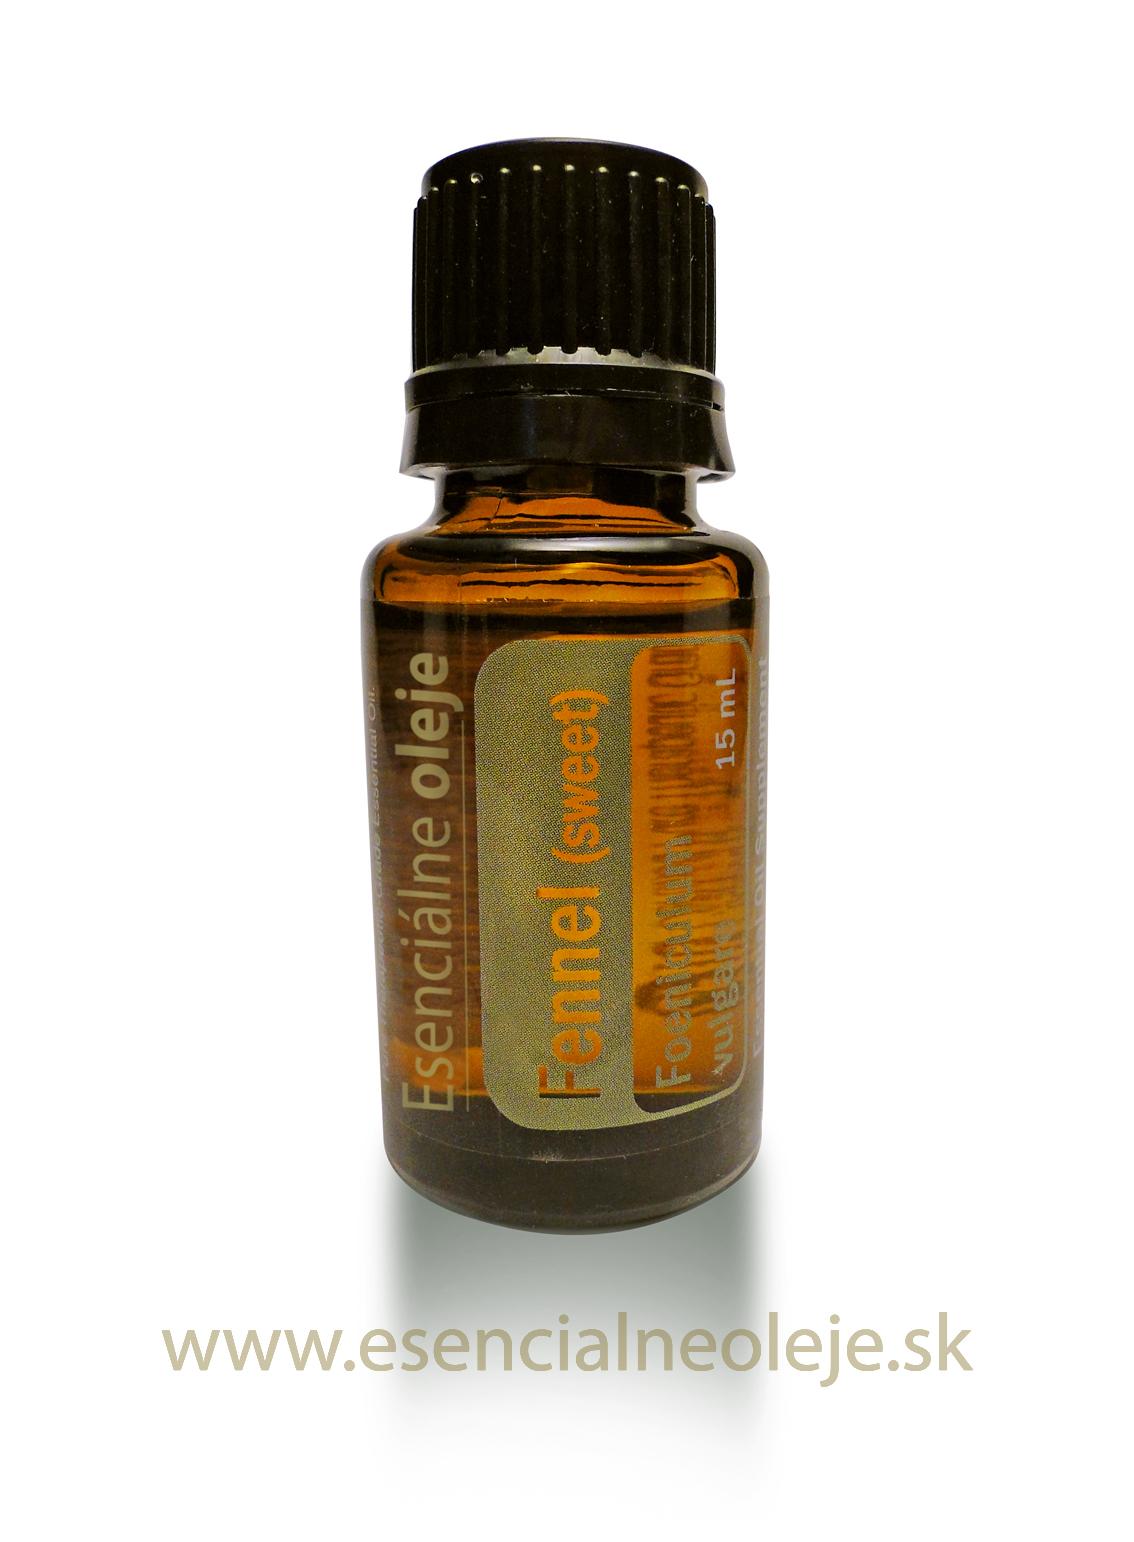 Fenikelový esenciálny olej